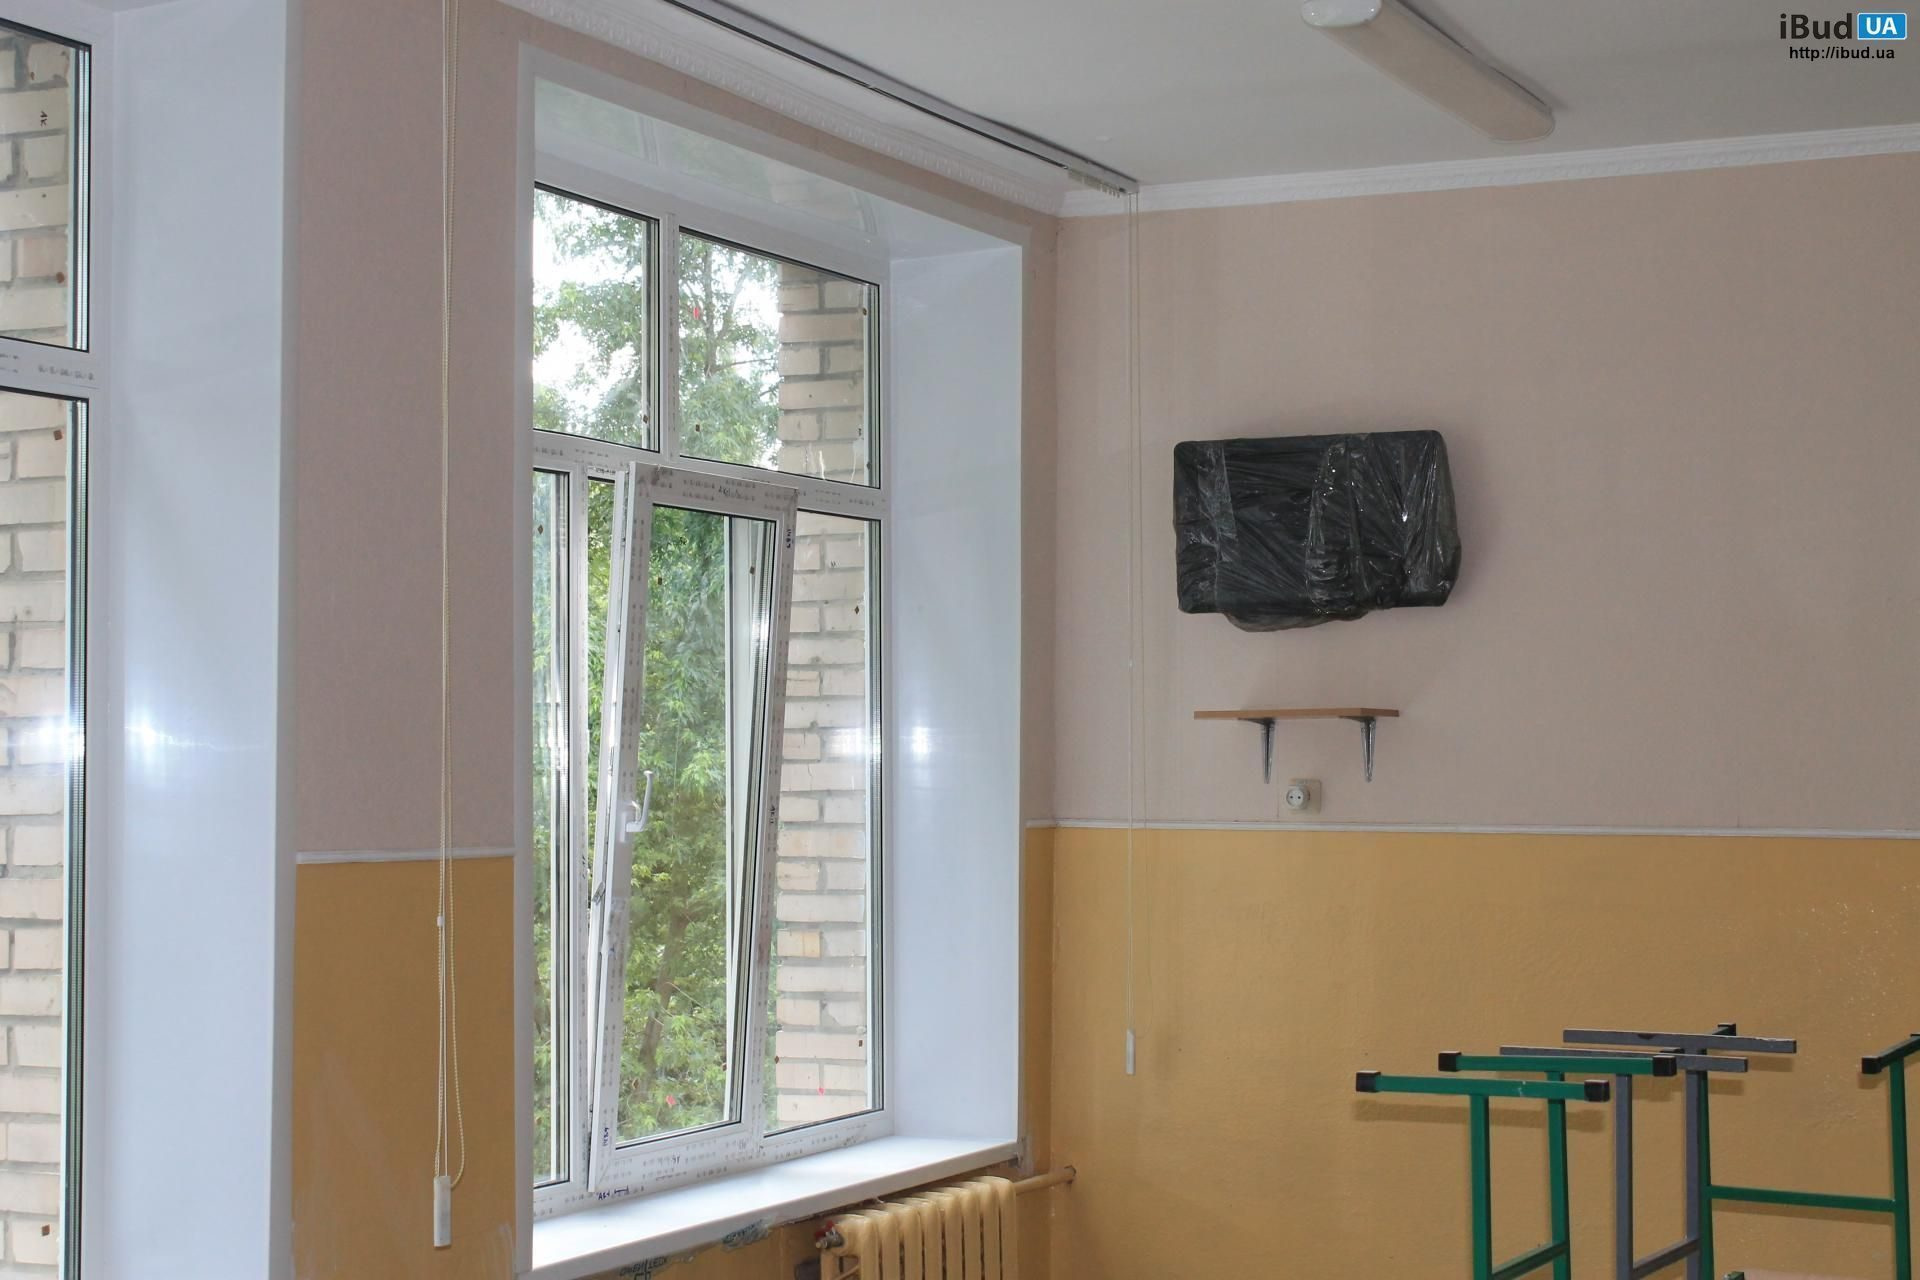 Укоси на вікна та балконний блок